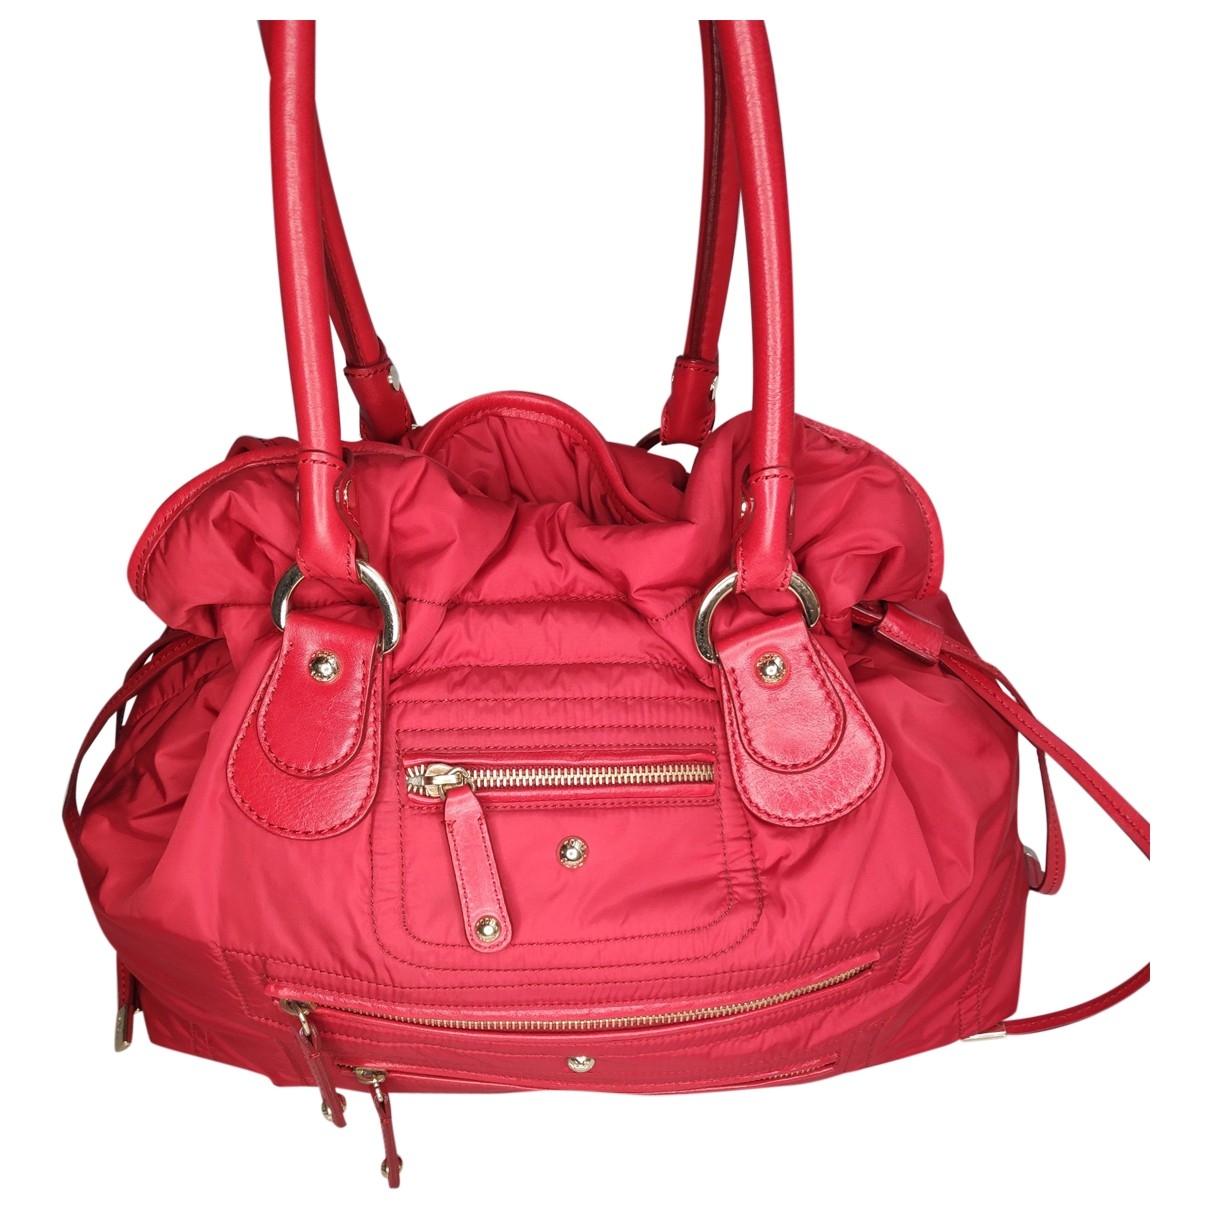 Tods \N Handtasche in  Rot Leinen